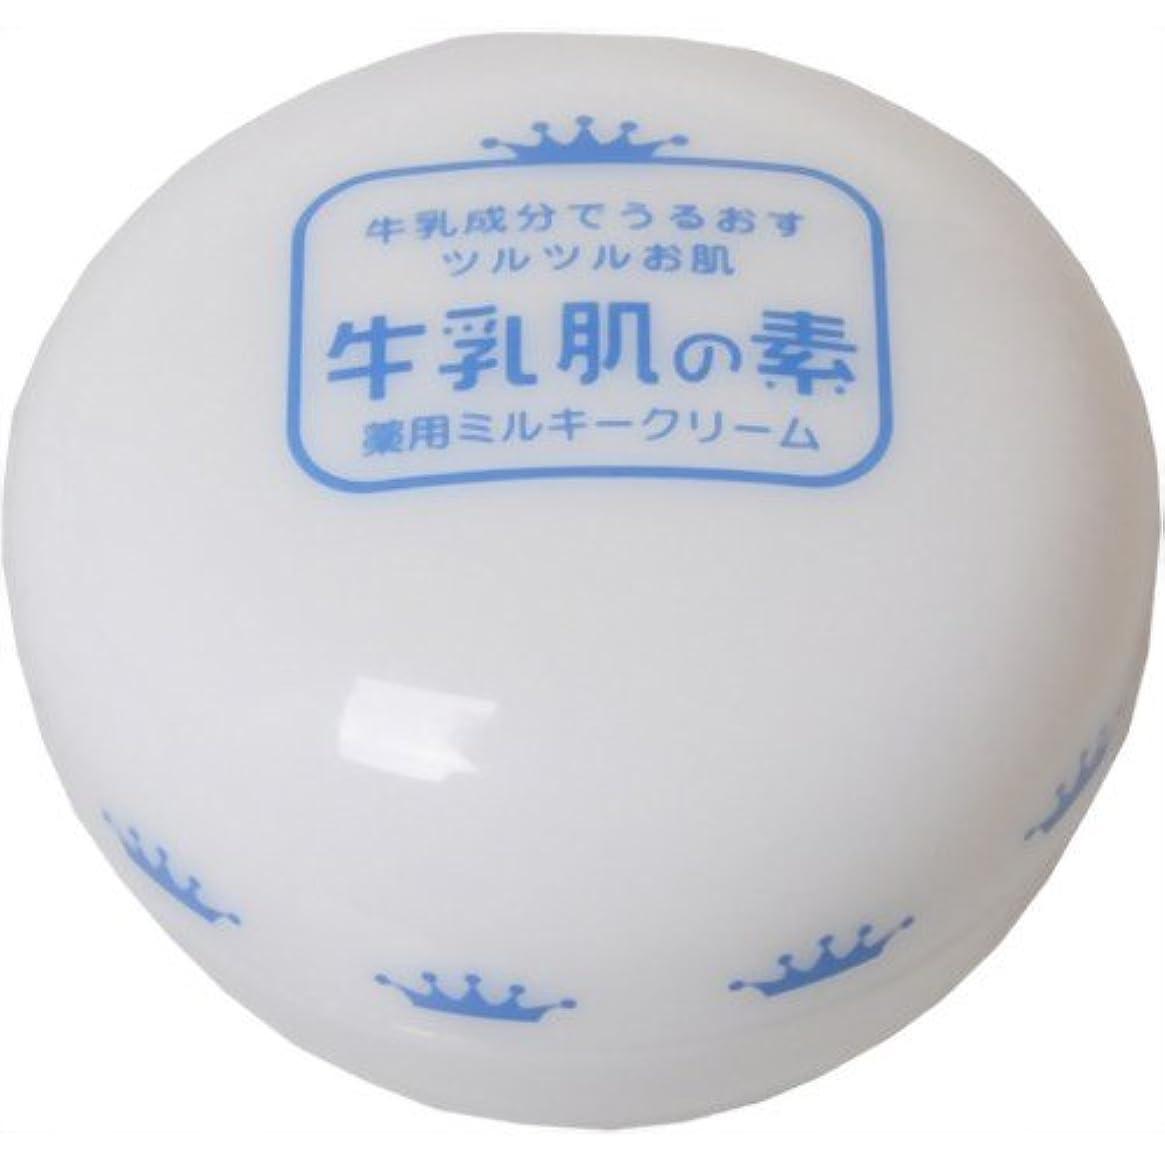 悩みシンカン驚いた牛乳肌の素 薬用ミルキークリーム 20g